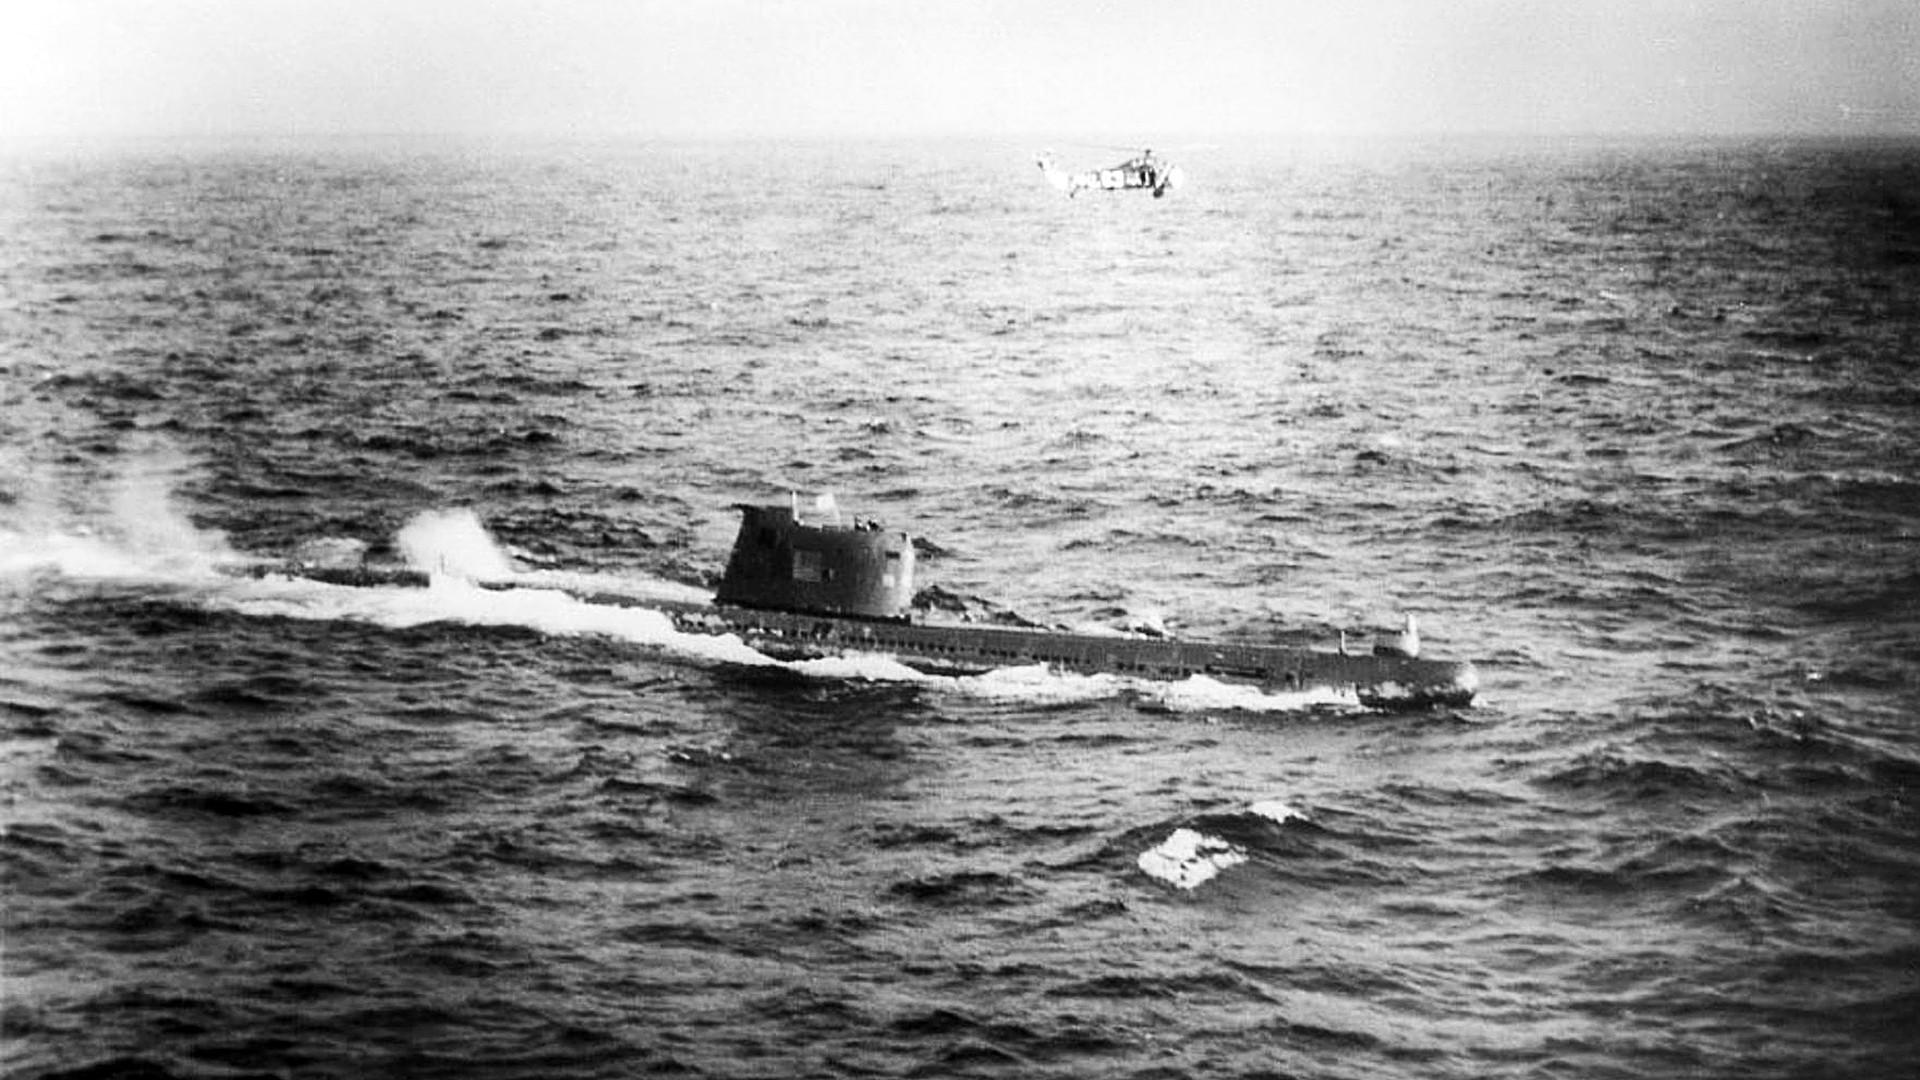 Na costa cubana, 11 navios de guerra americanos e uma aeronave cercaram um dos submarinos soviéticos, B-59.